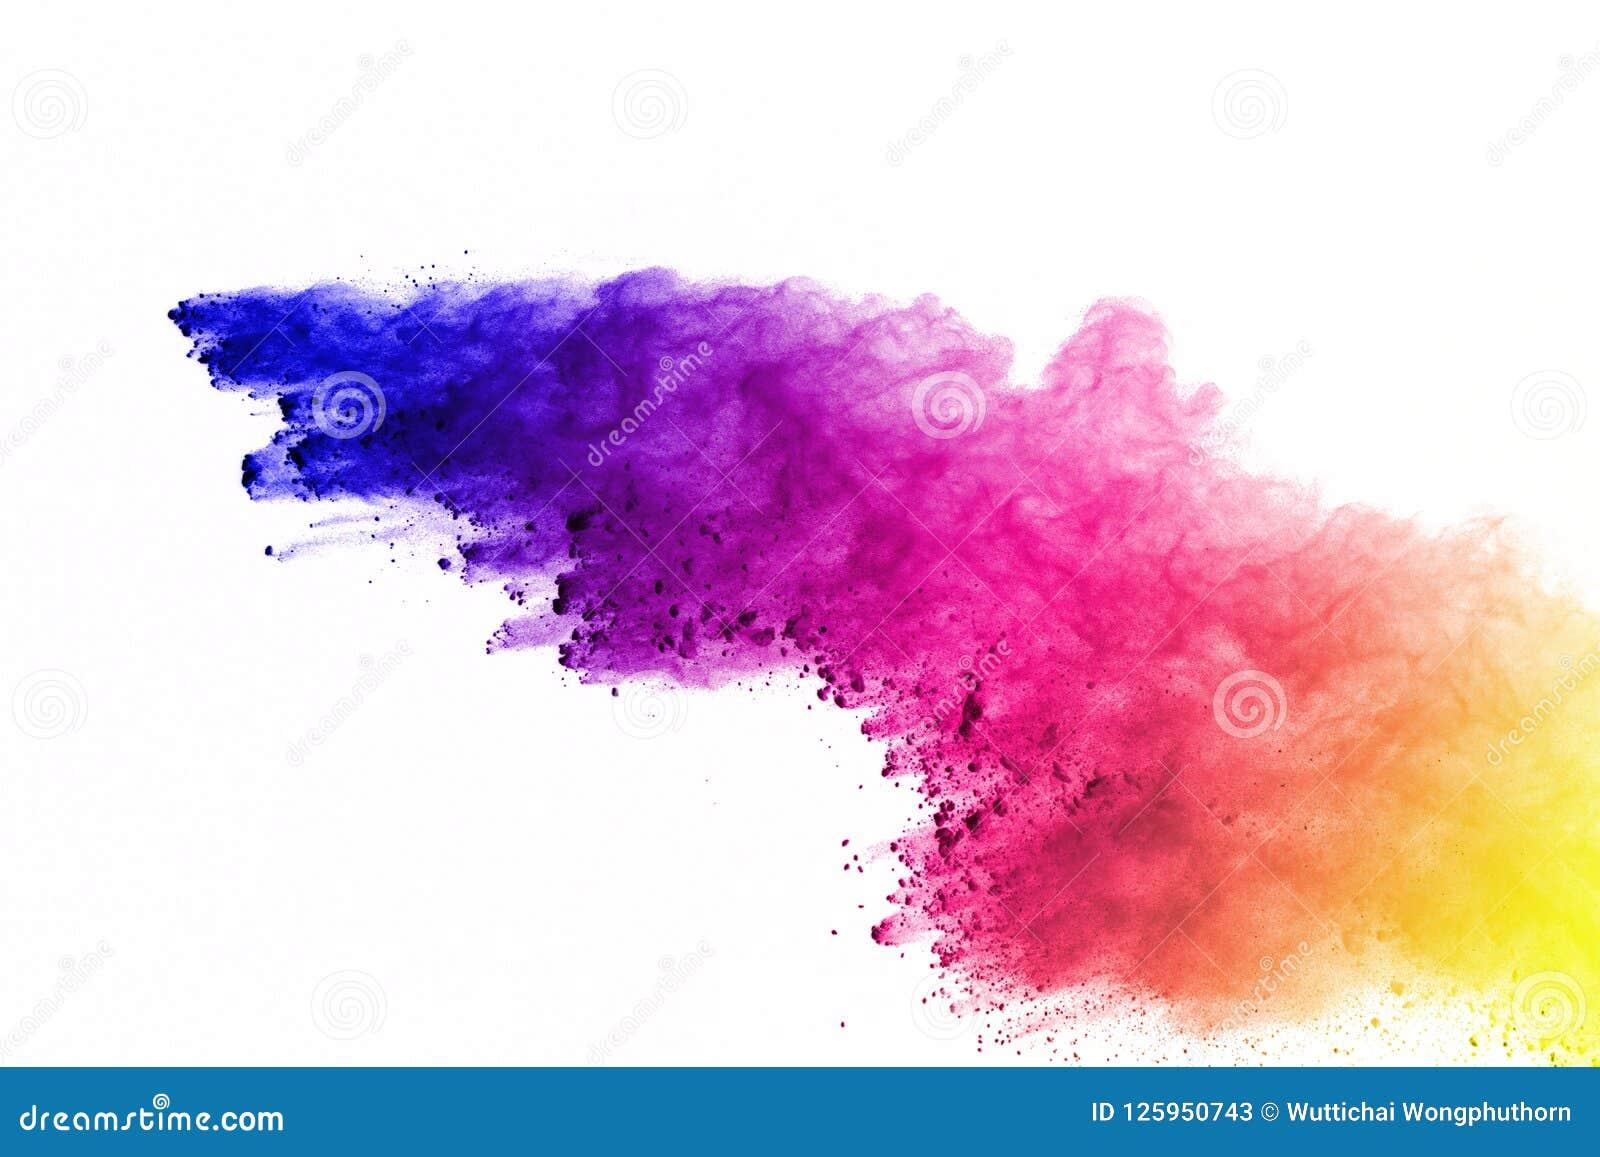 Explosão do pó colorido, isolada no fundo branco Sumário da poeira colorida splatted nuvem da cor